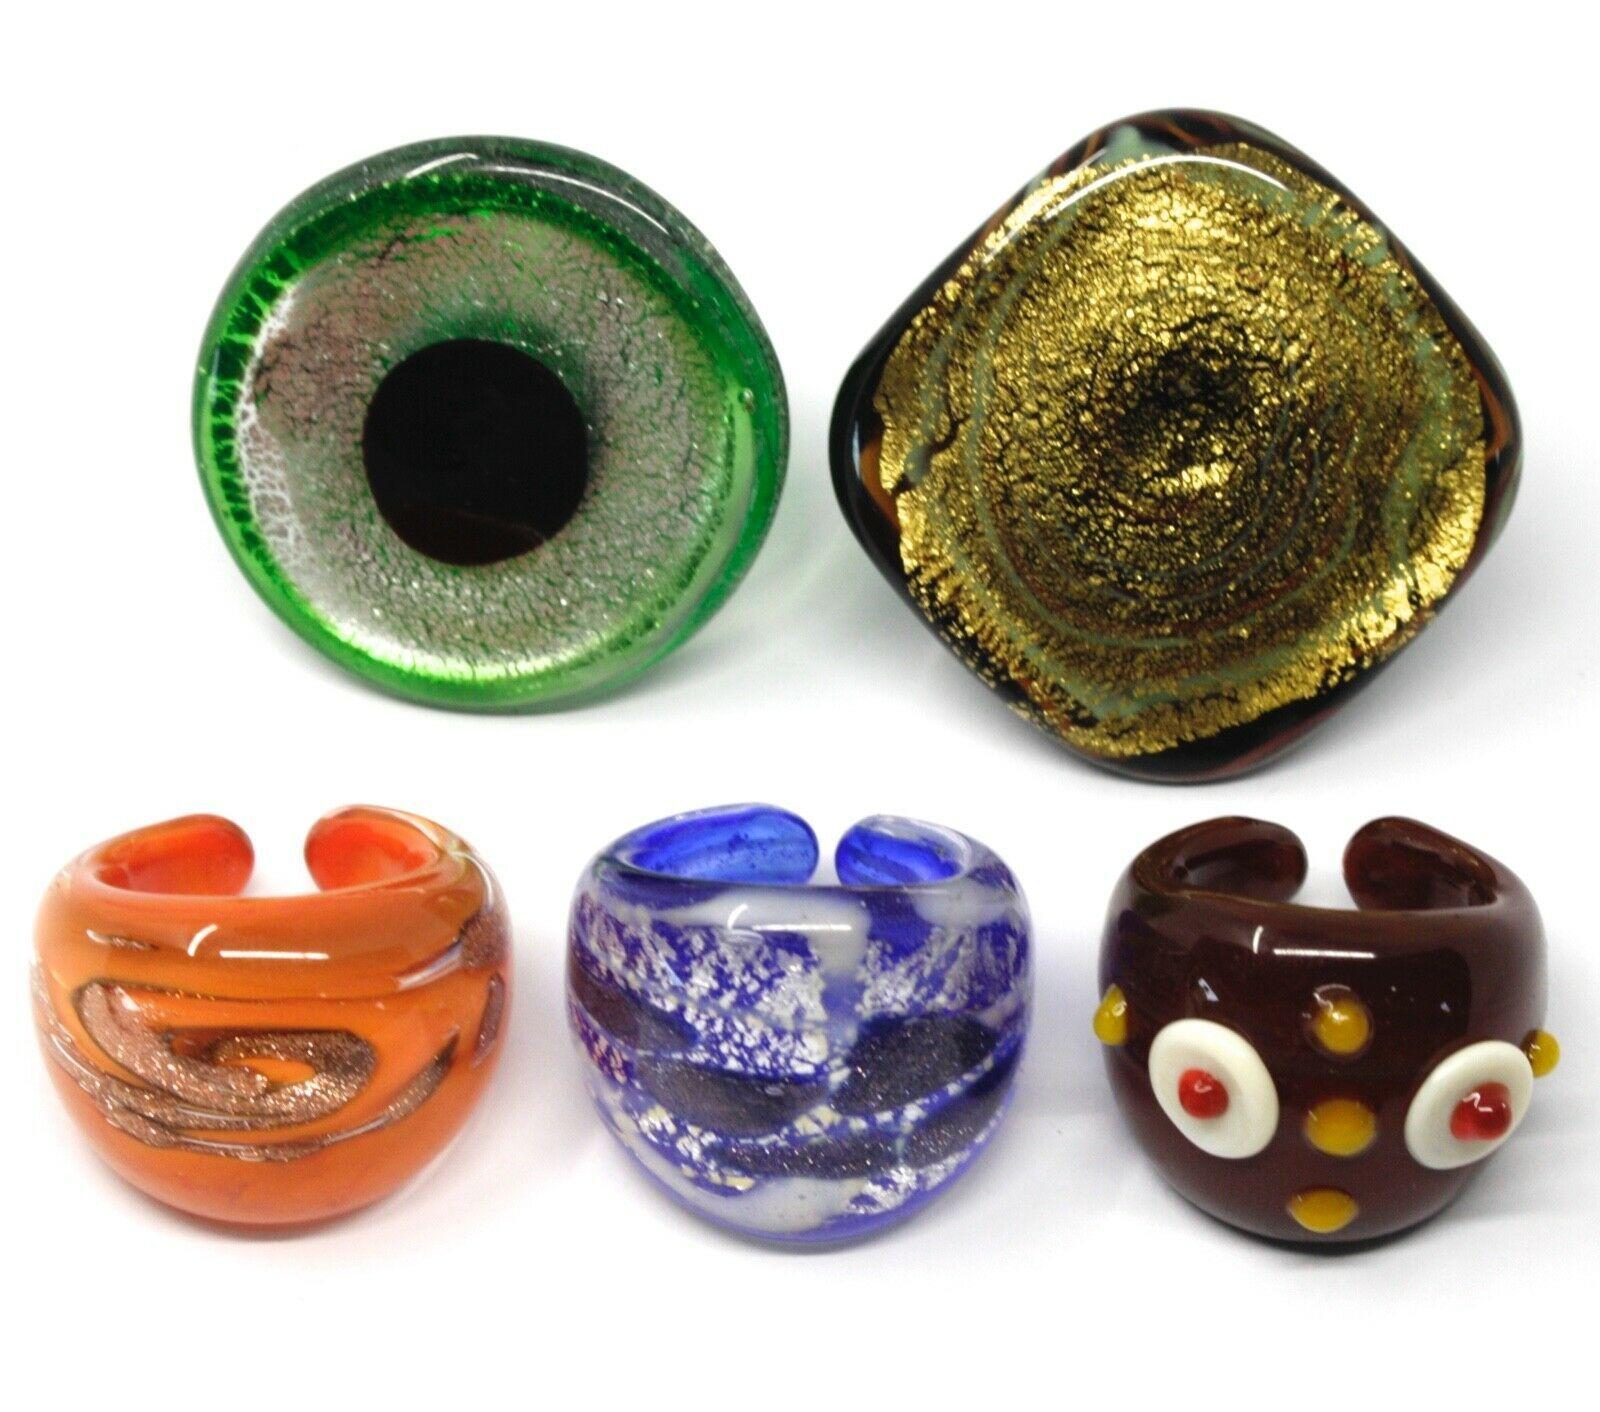 LOT OF 5 ANTICA MURRINA VENEZIA RINGS, MURANO GLASS, SIZE 5